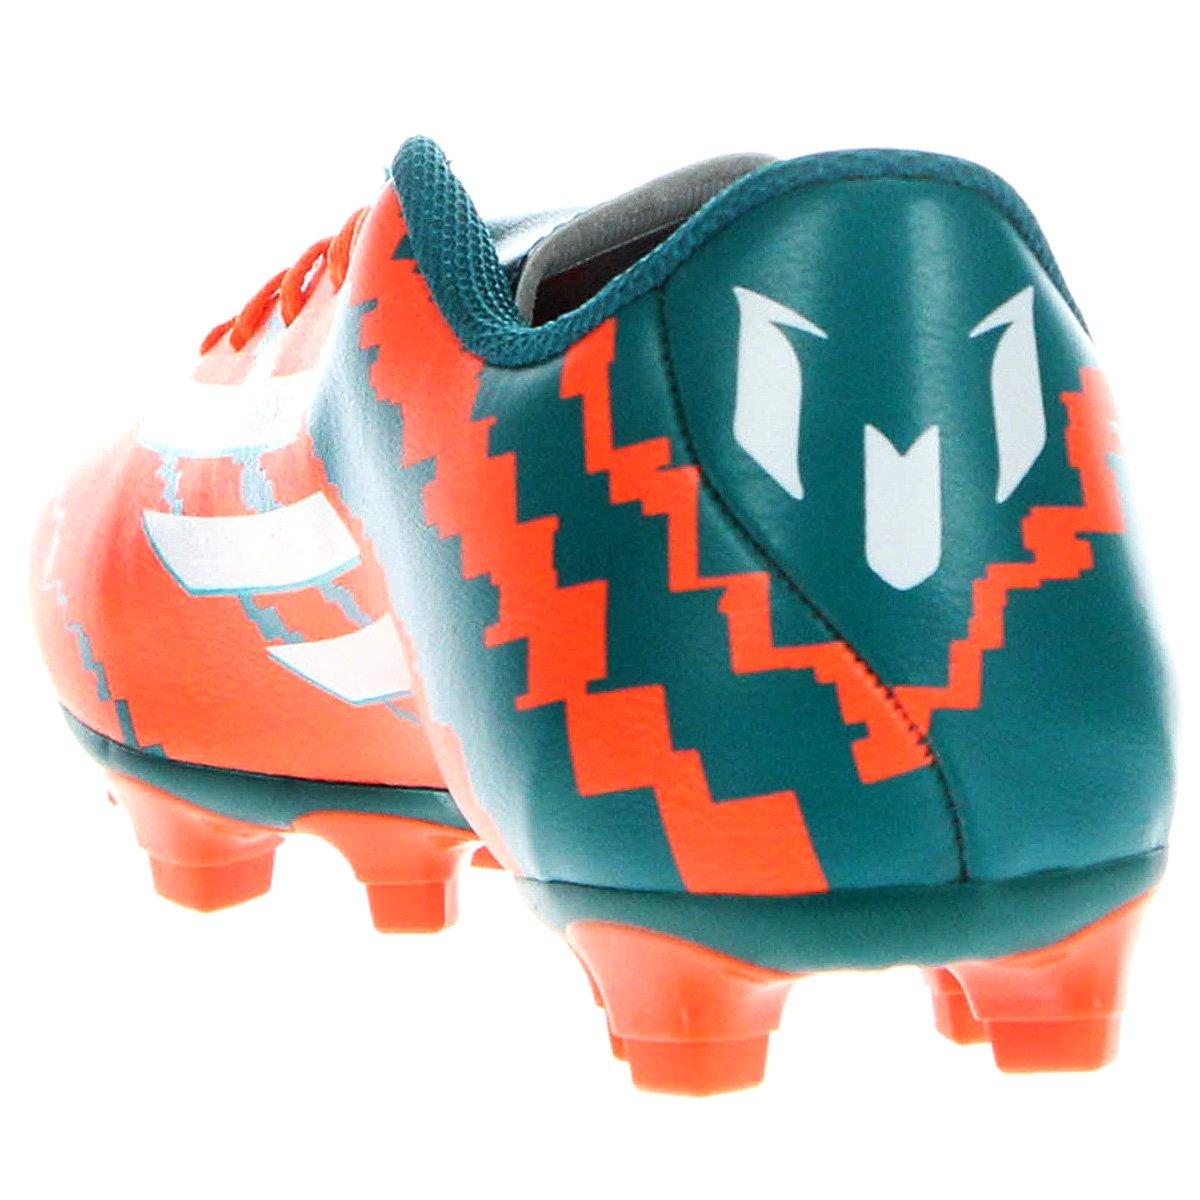 Chuteira Adidas F5 FG Campo Messi - Compre Agora  edba4cd3e92bf